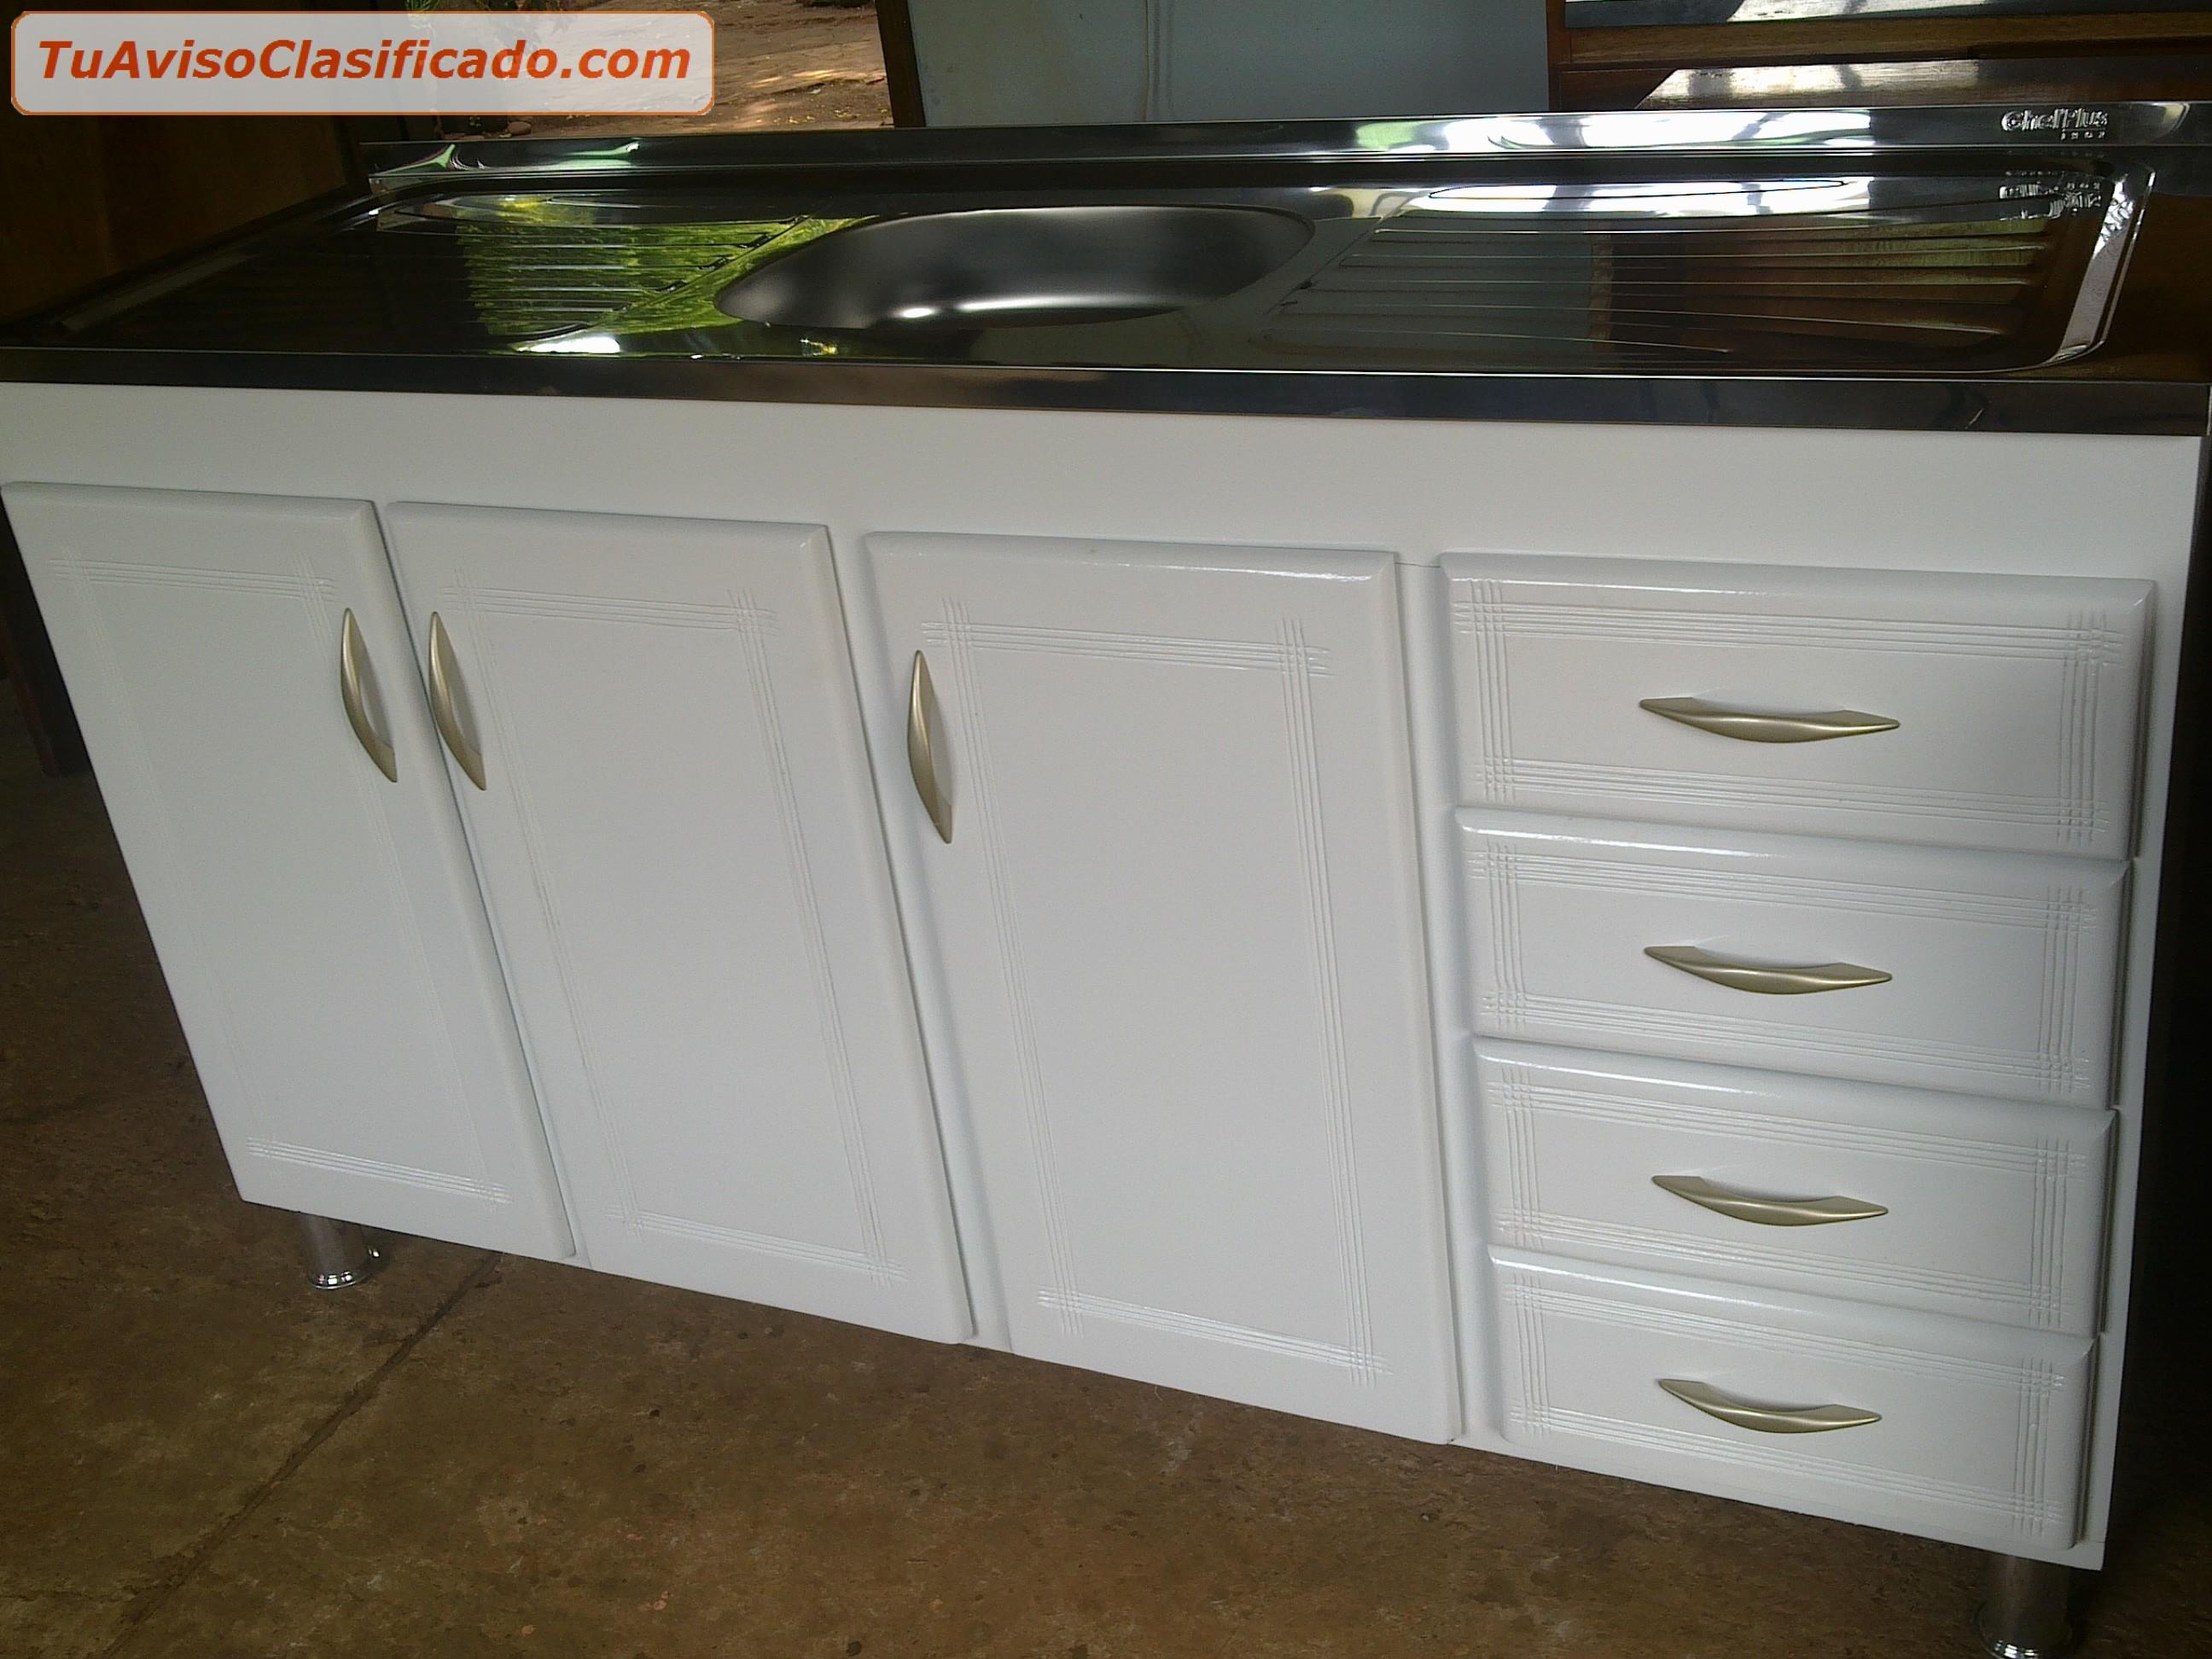 Cocina Fabricacion E Instalacion Completa Mobiliario